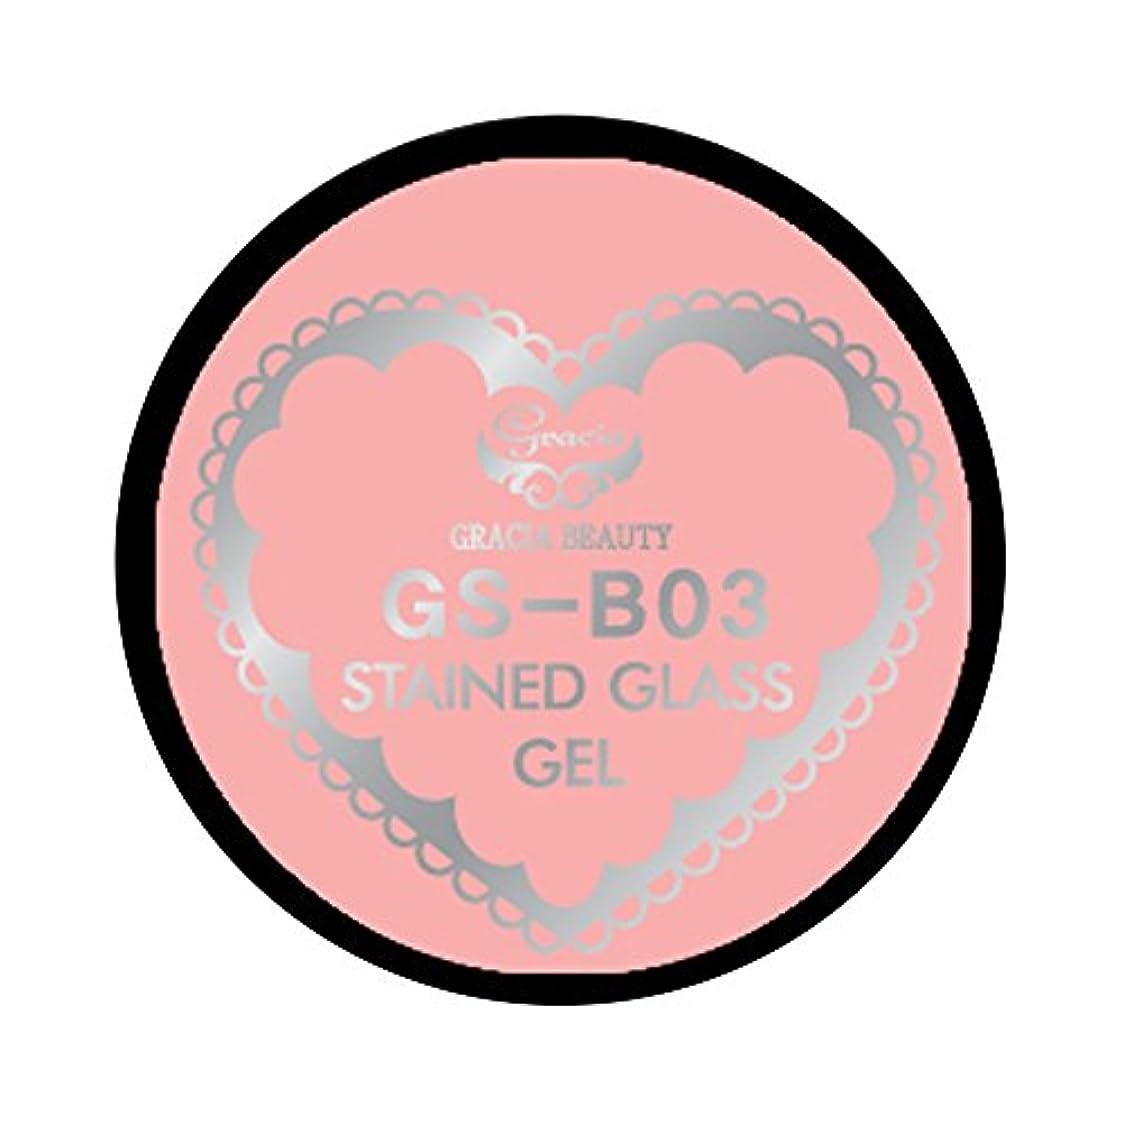 豊富失業者妥協グラシア ジェルネイル ステンドグラスジェル GSM-B03 3g  ベーシック UV/LED対応 カラージェル ソークオフジェル ガラスのような透明感